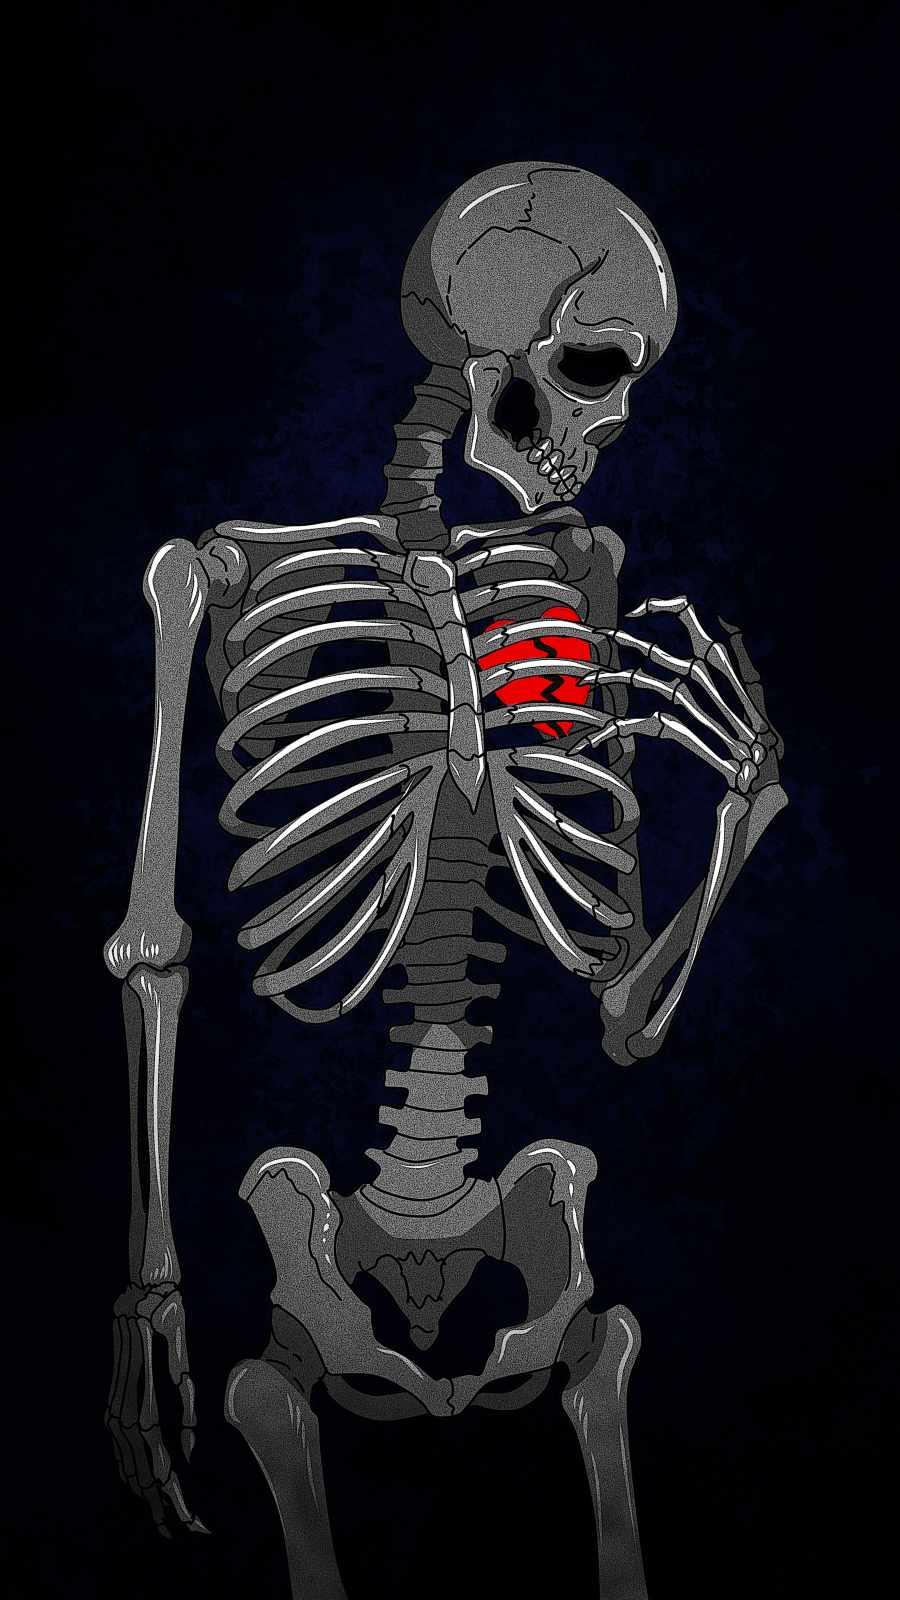 Broken Heart Skeleton IPhone Wallpaper - IPhone Wallpapers